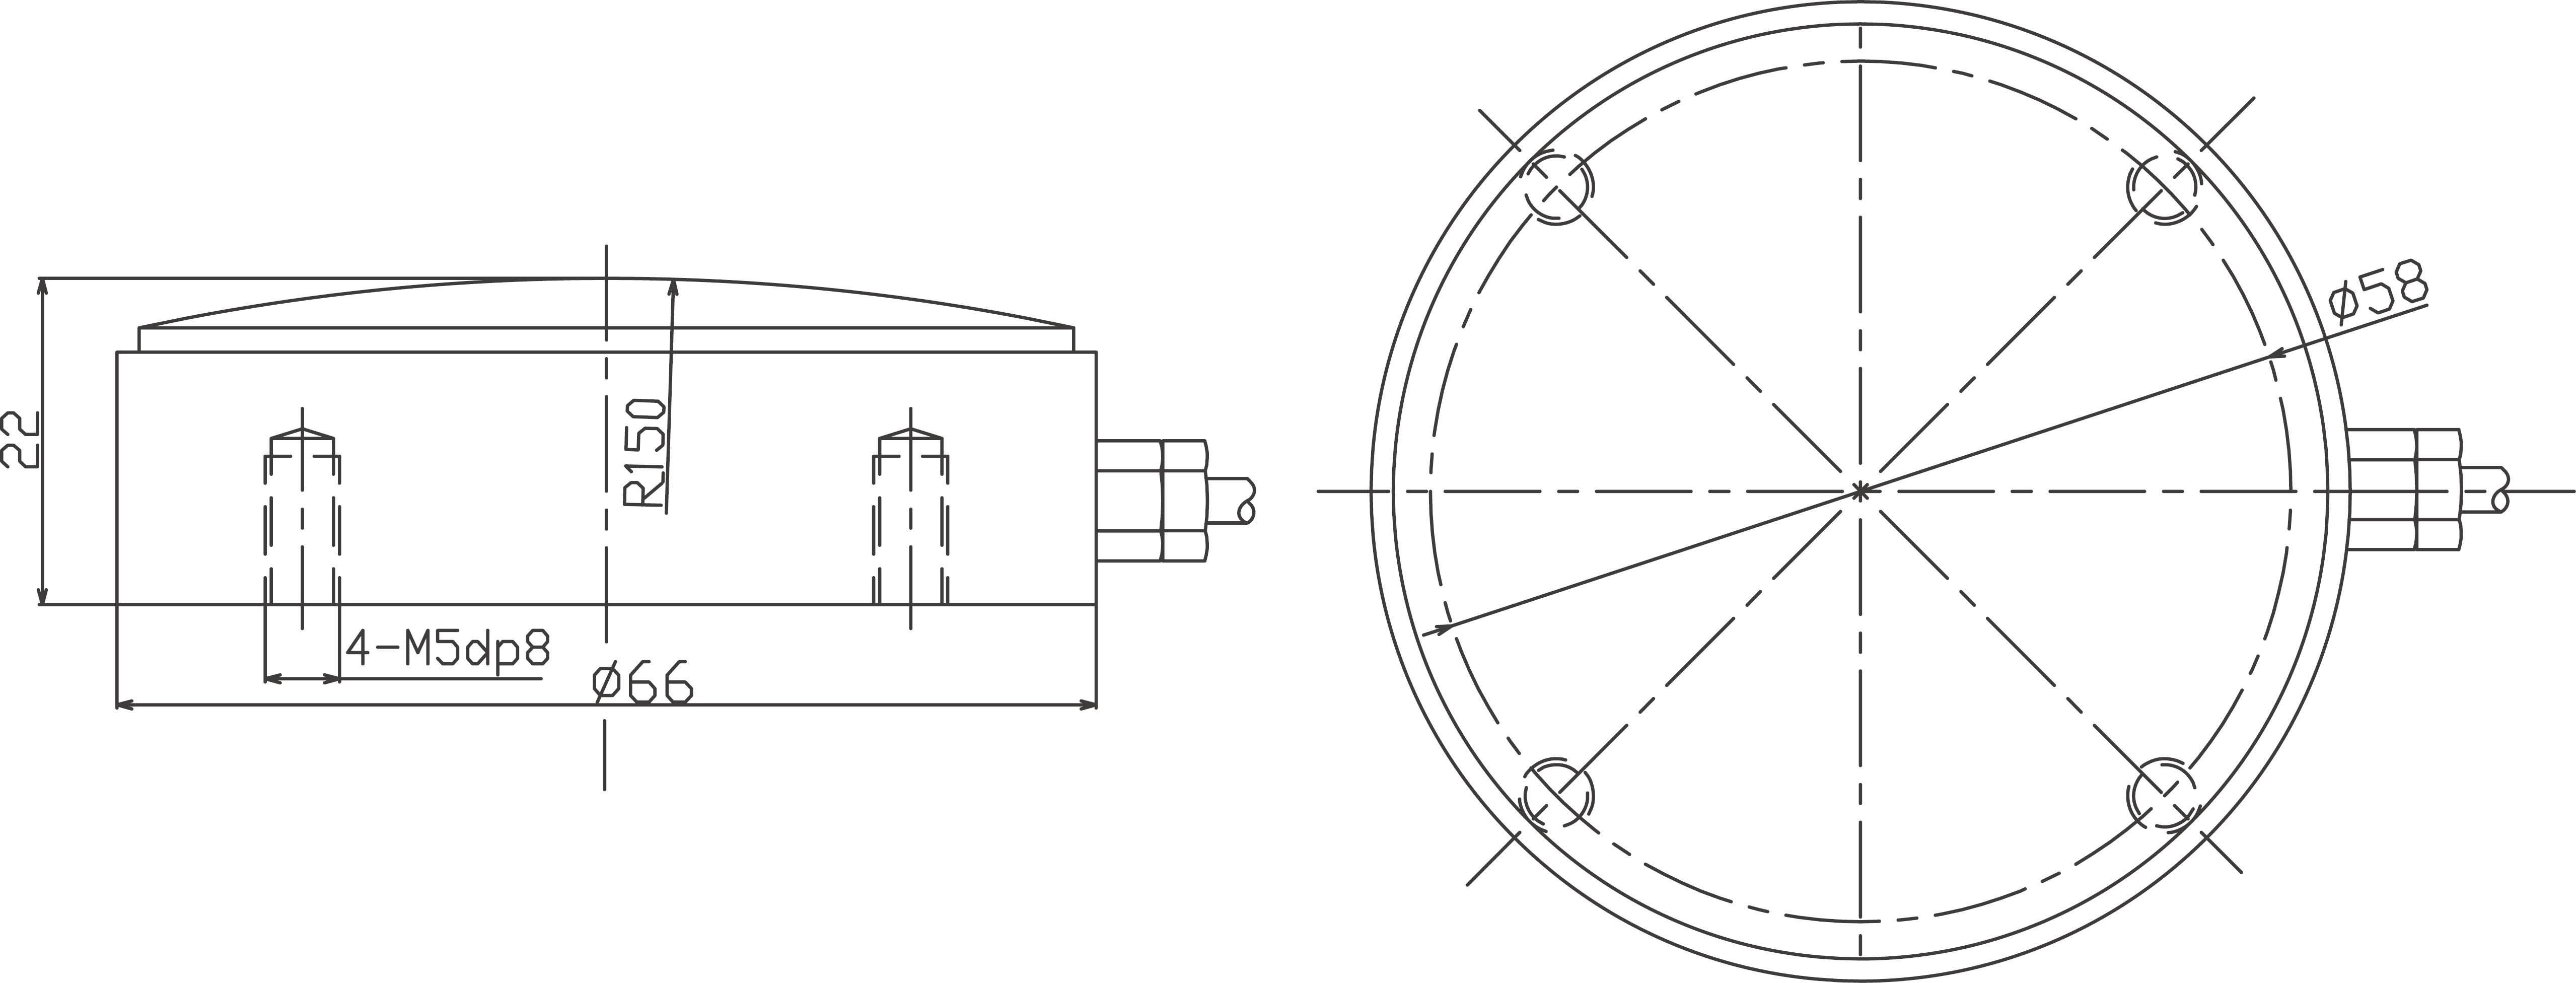 LCU200-Dim.jpg